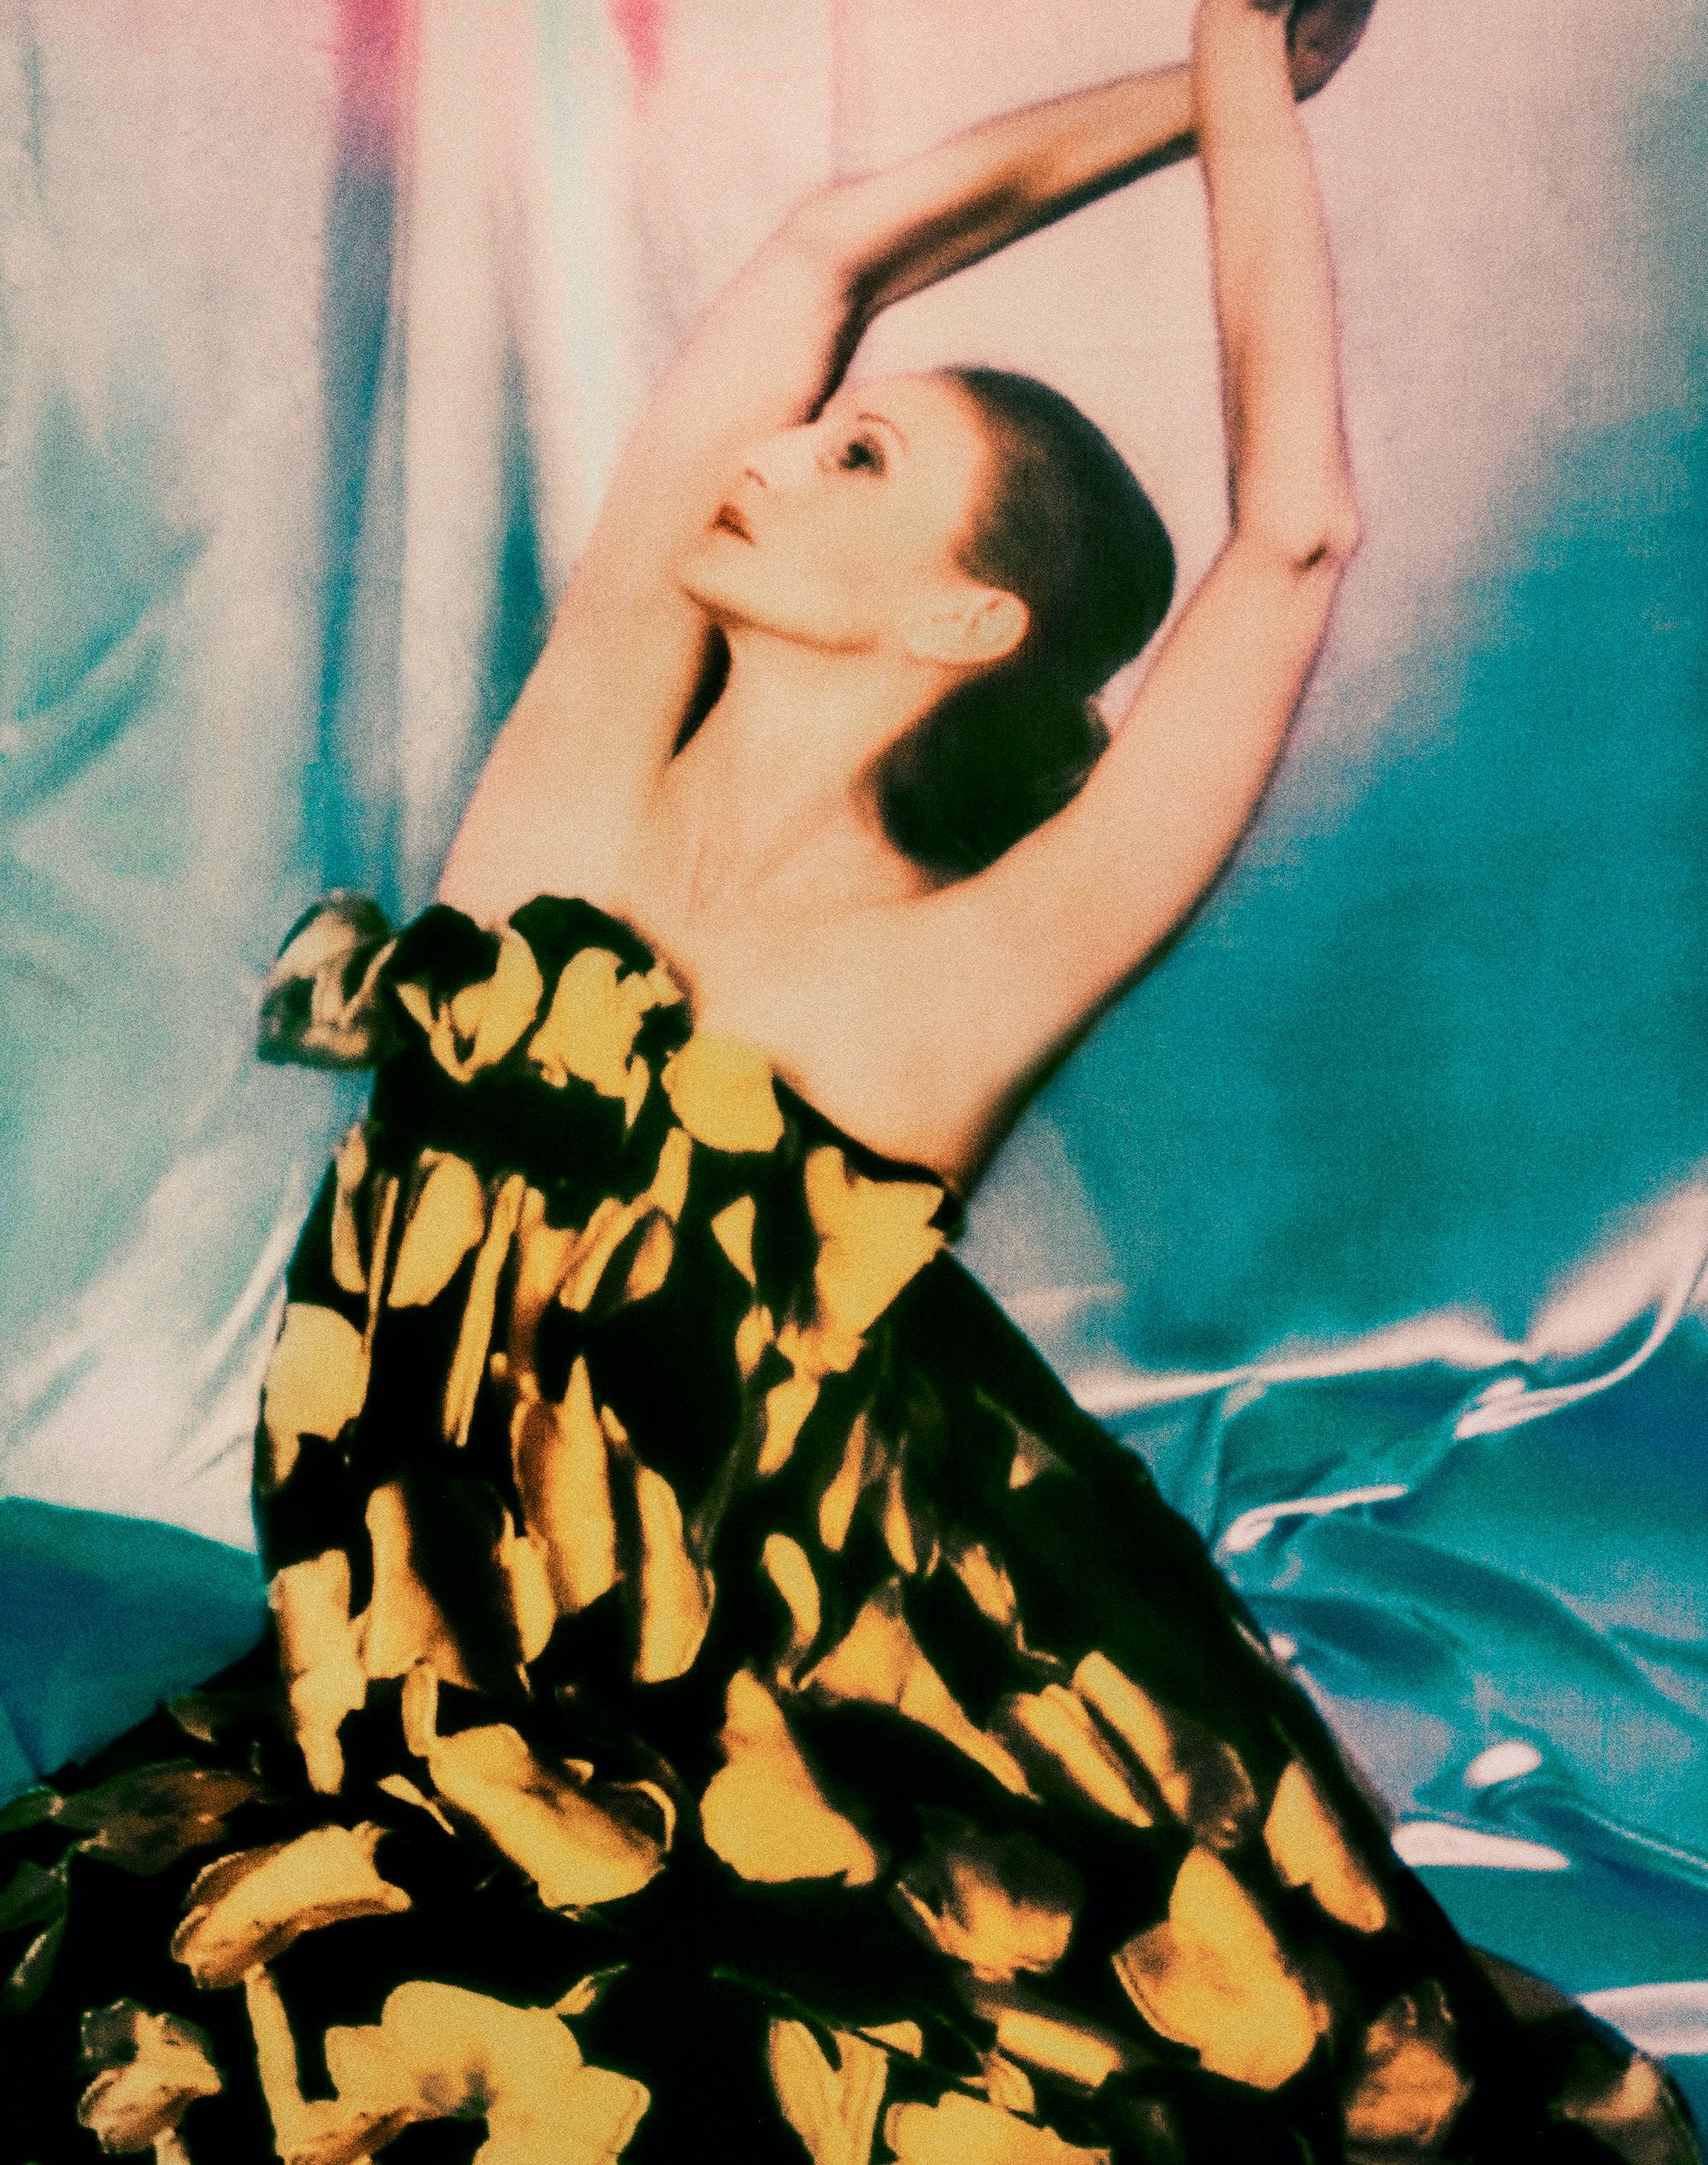 Carolina Herrera осень-зима 2020: танцоры балета «оживляют» коллекцию